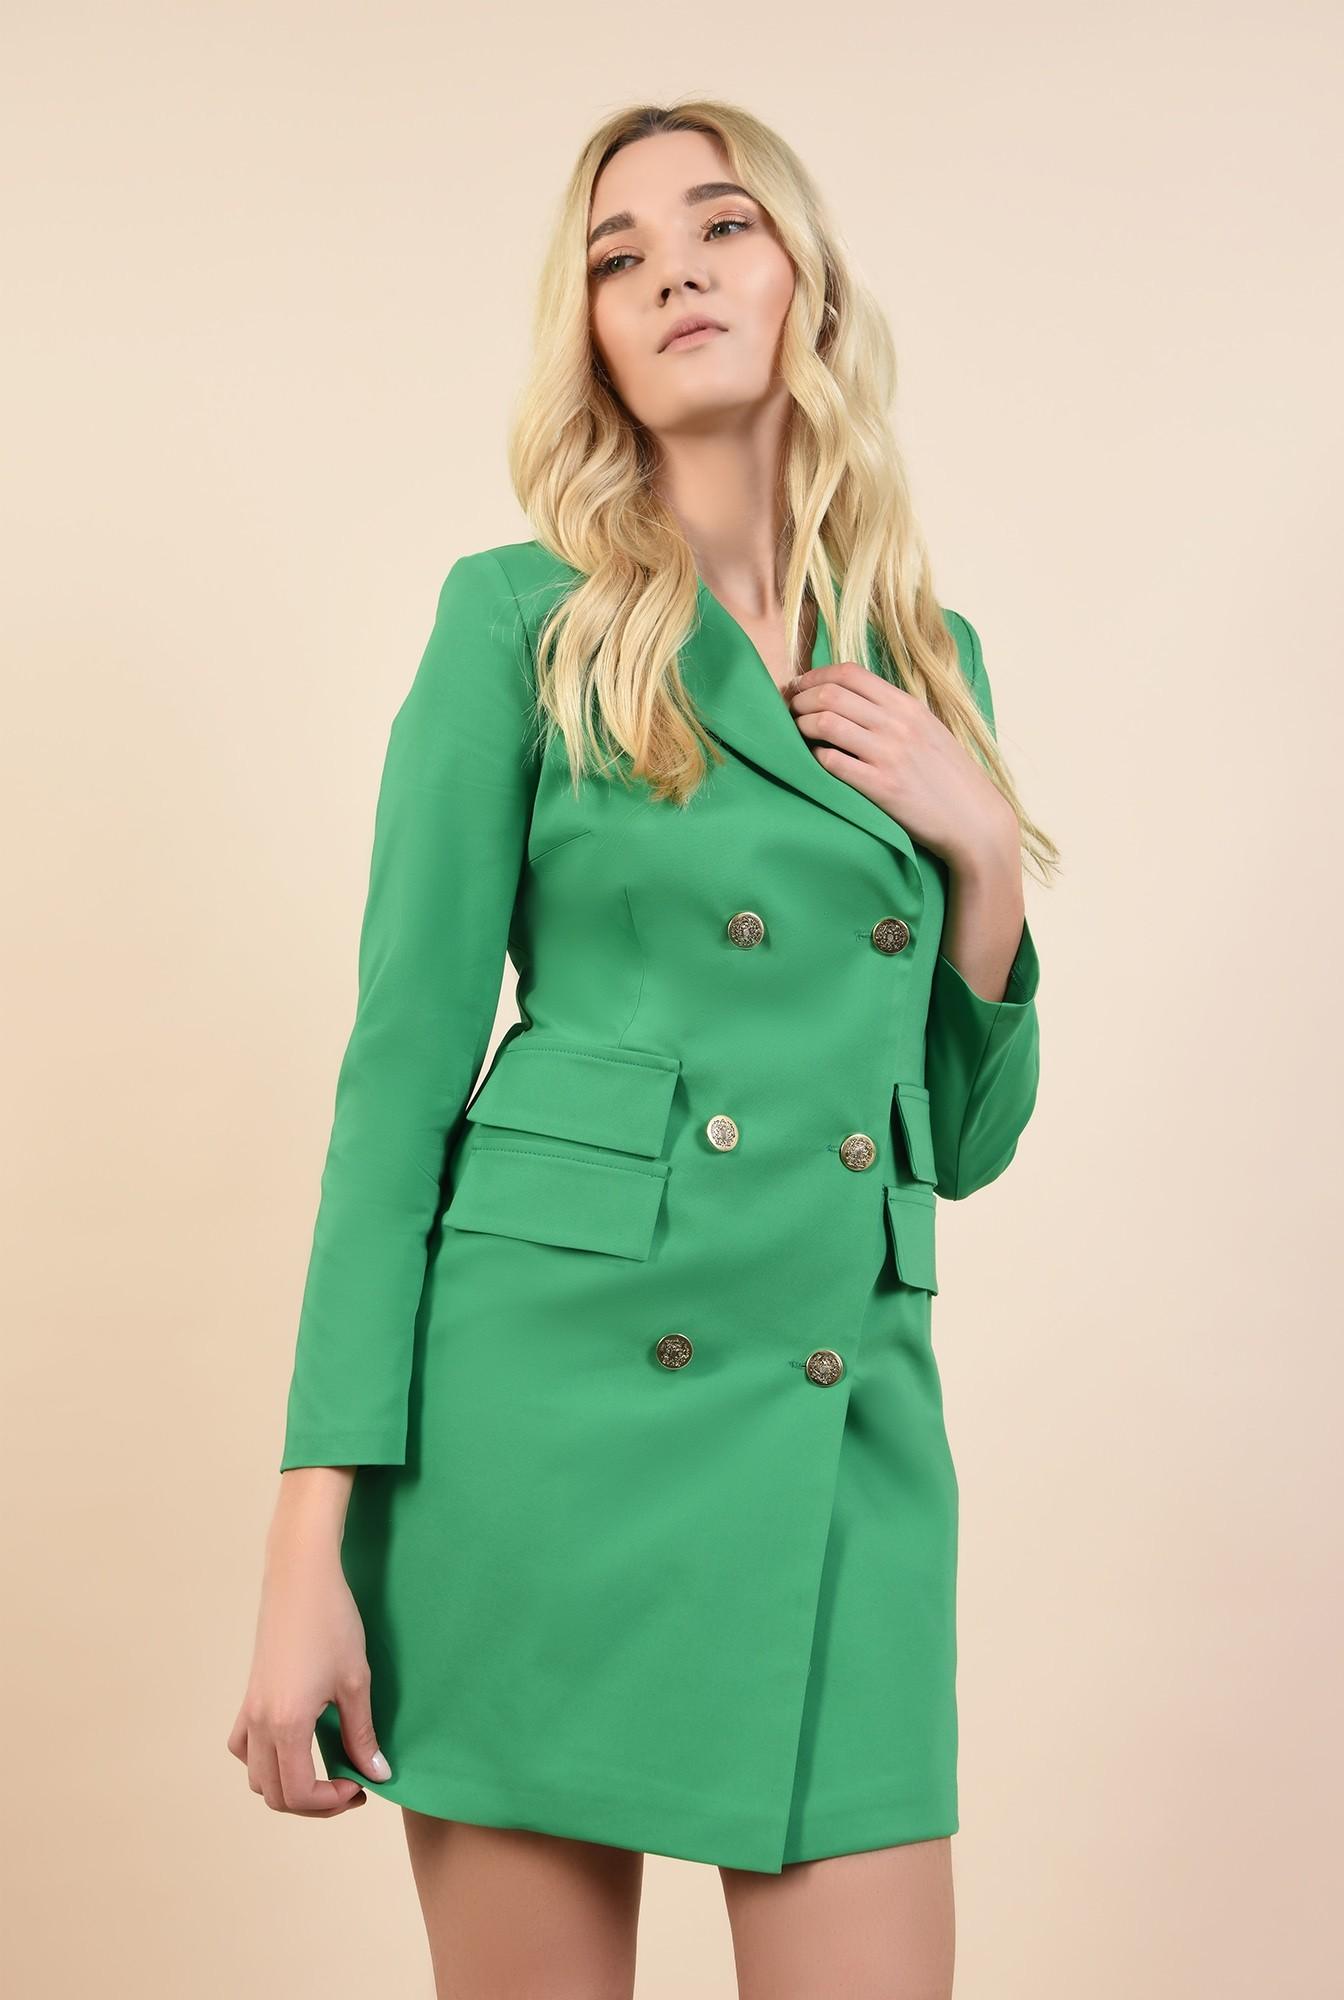 rochie sacou, verde, cu nasturi metalici, scurta, croi cambrat